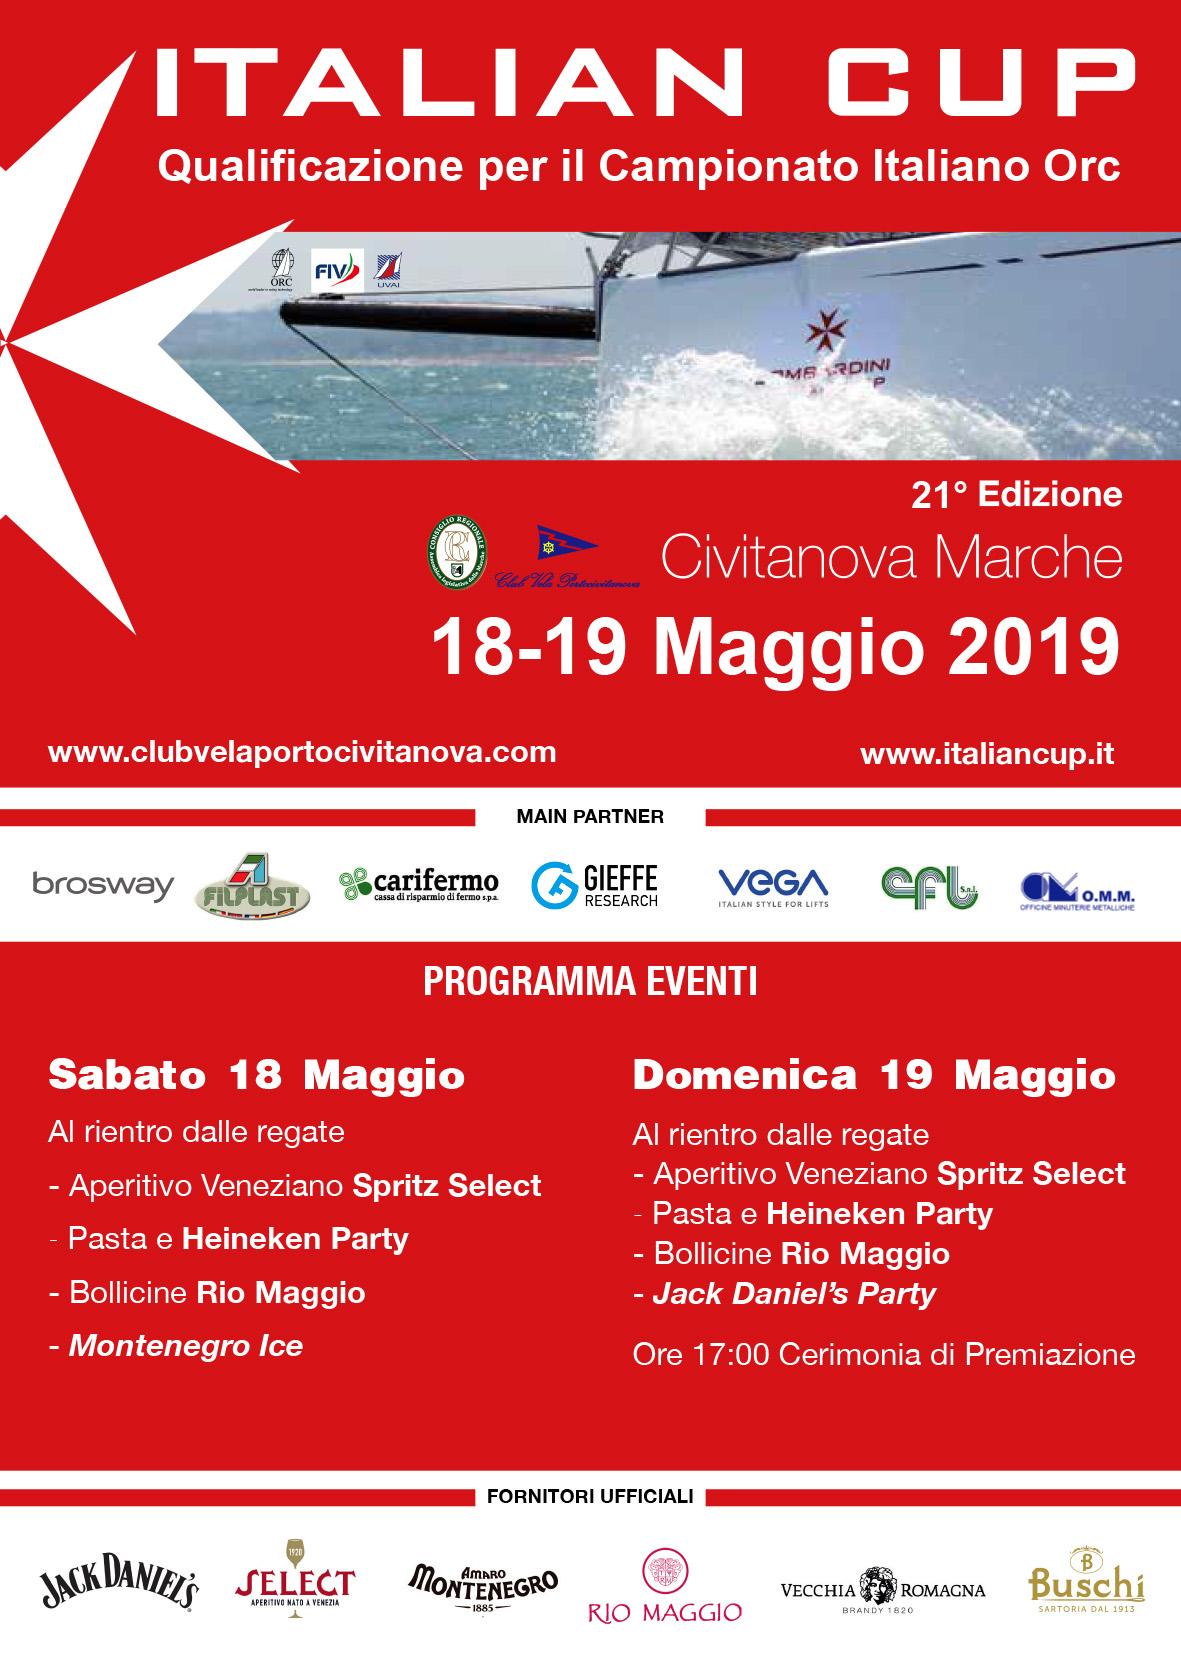 ITALIAN CUP - 18 / 19 maggio 2019